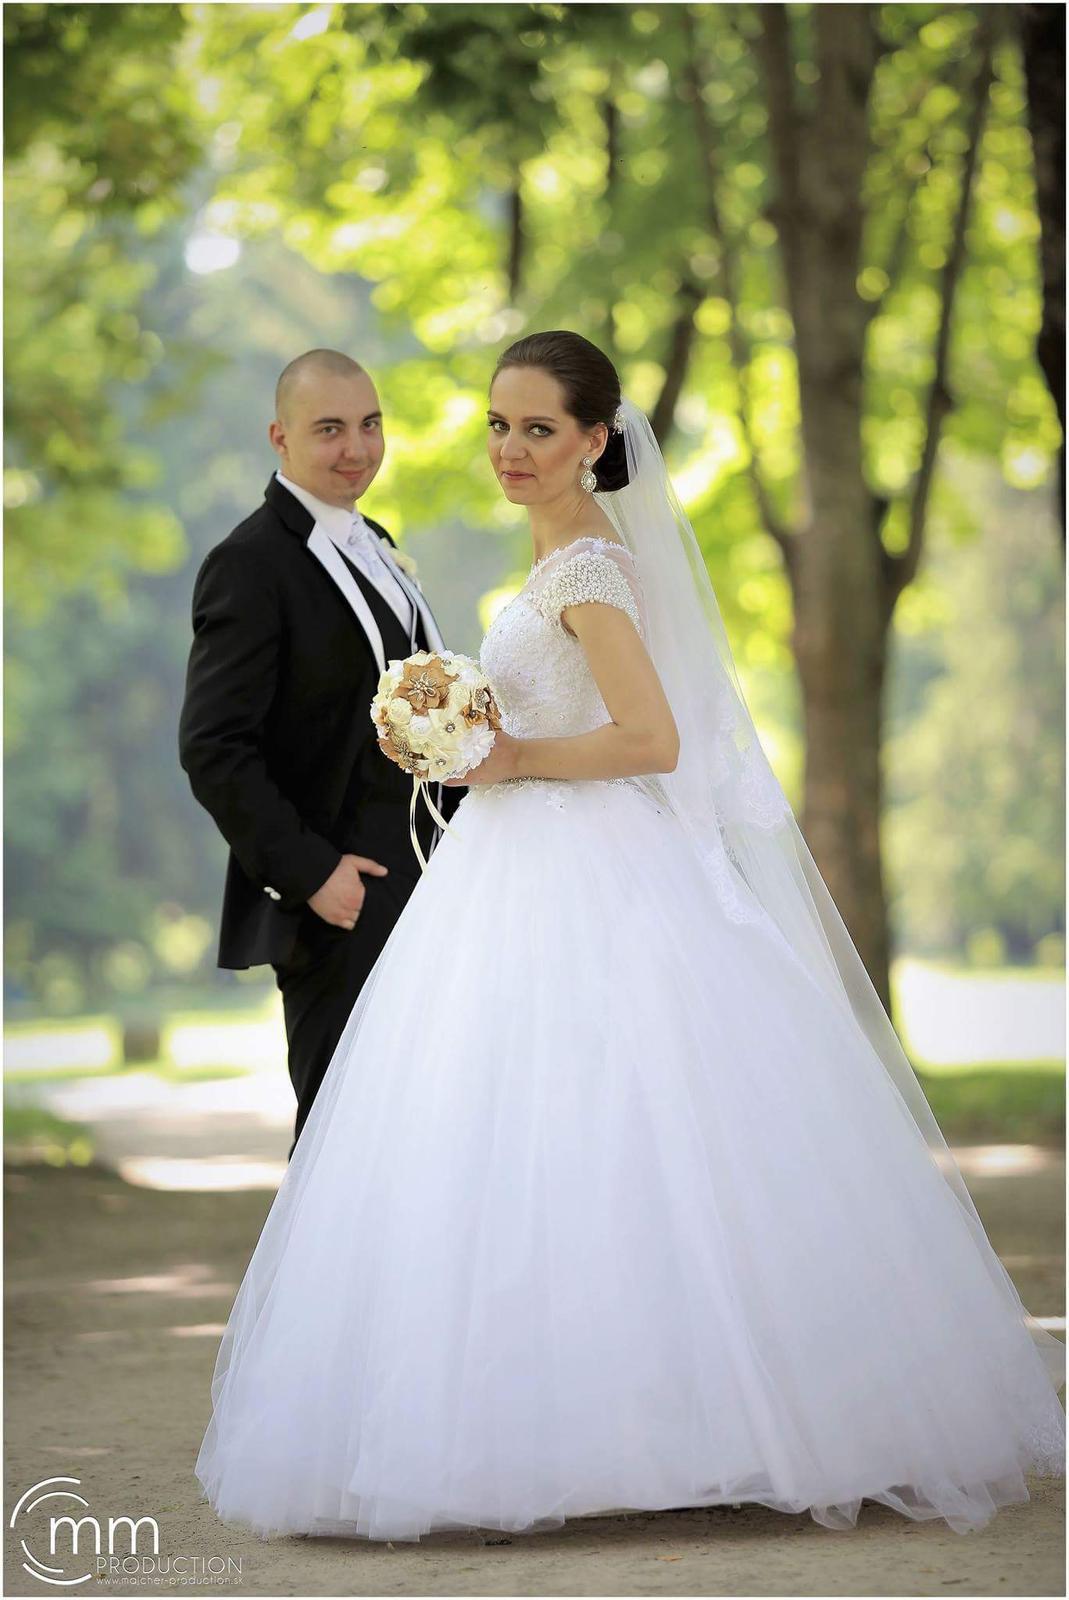 Svadbu sme mali 20.05.2017,... - Obrázok č. 1